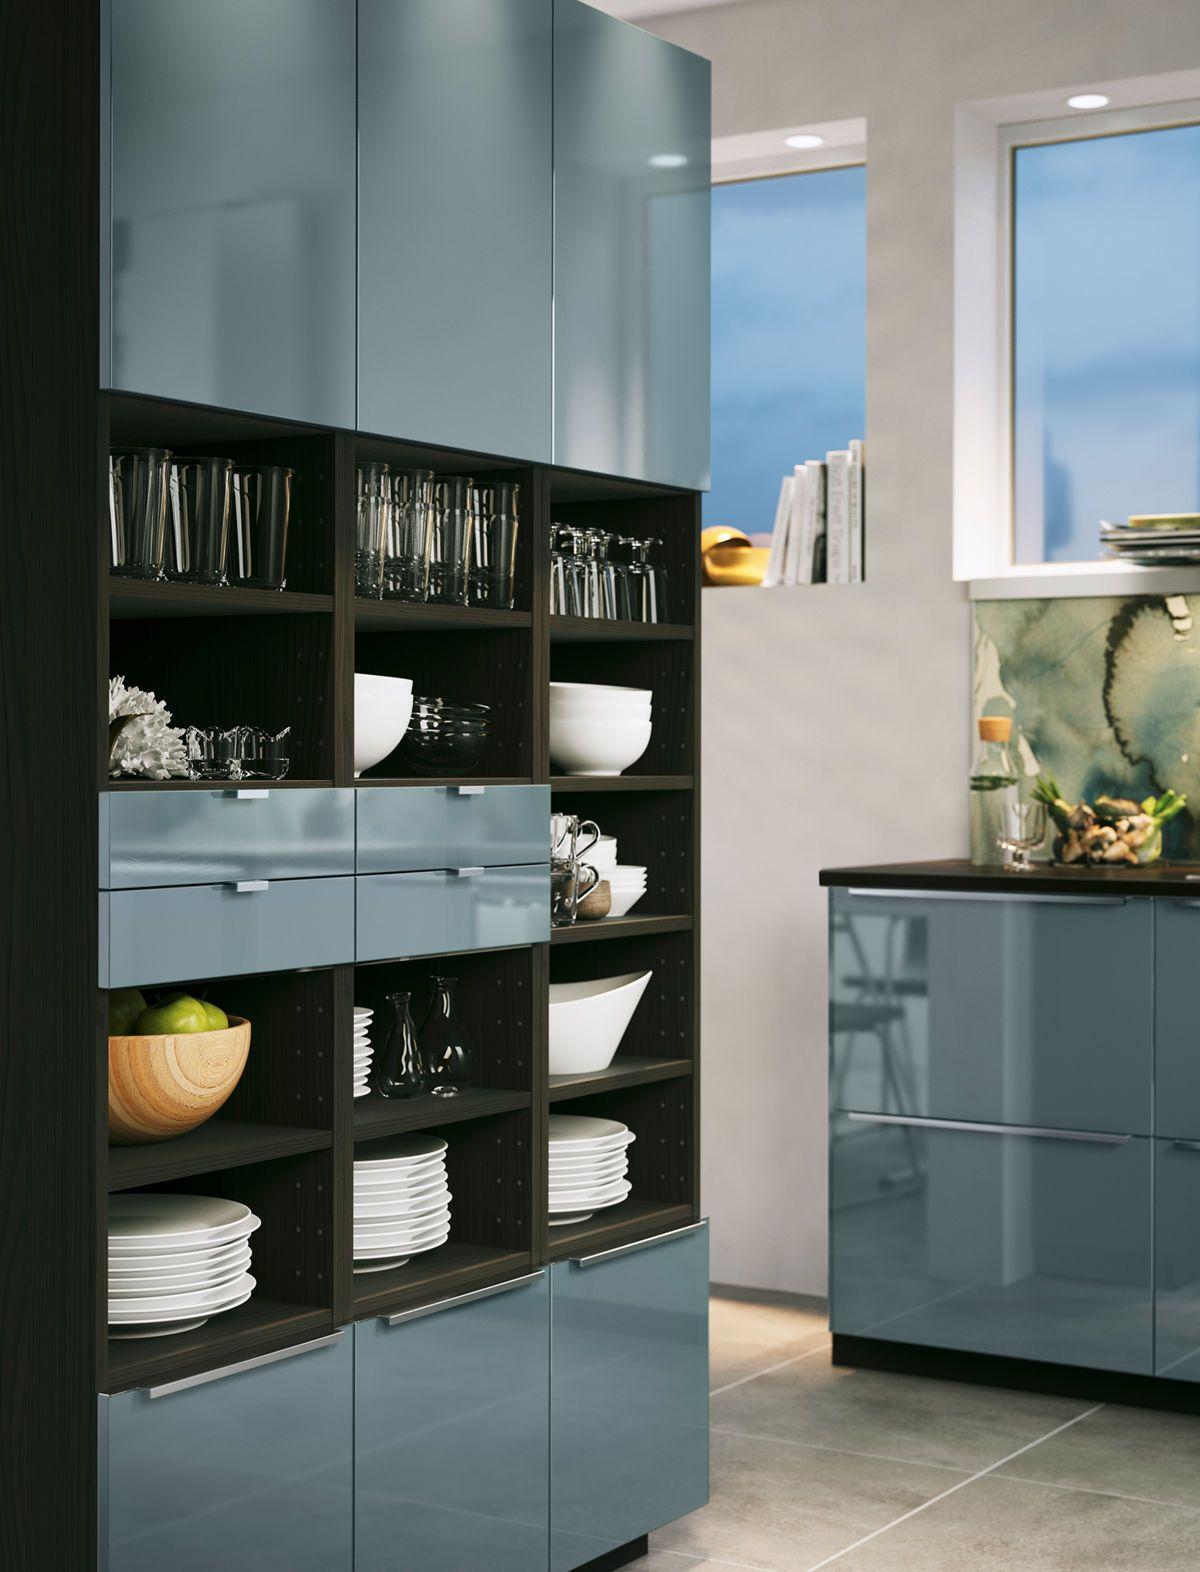 Pannelli Rivestimento Cucina Ikea brochure cucine 2017   arredo interni cucina, cucina ikea e